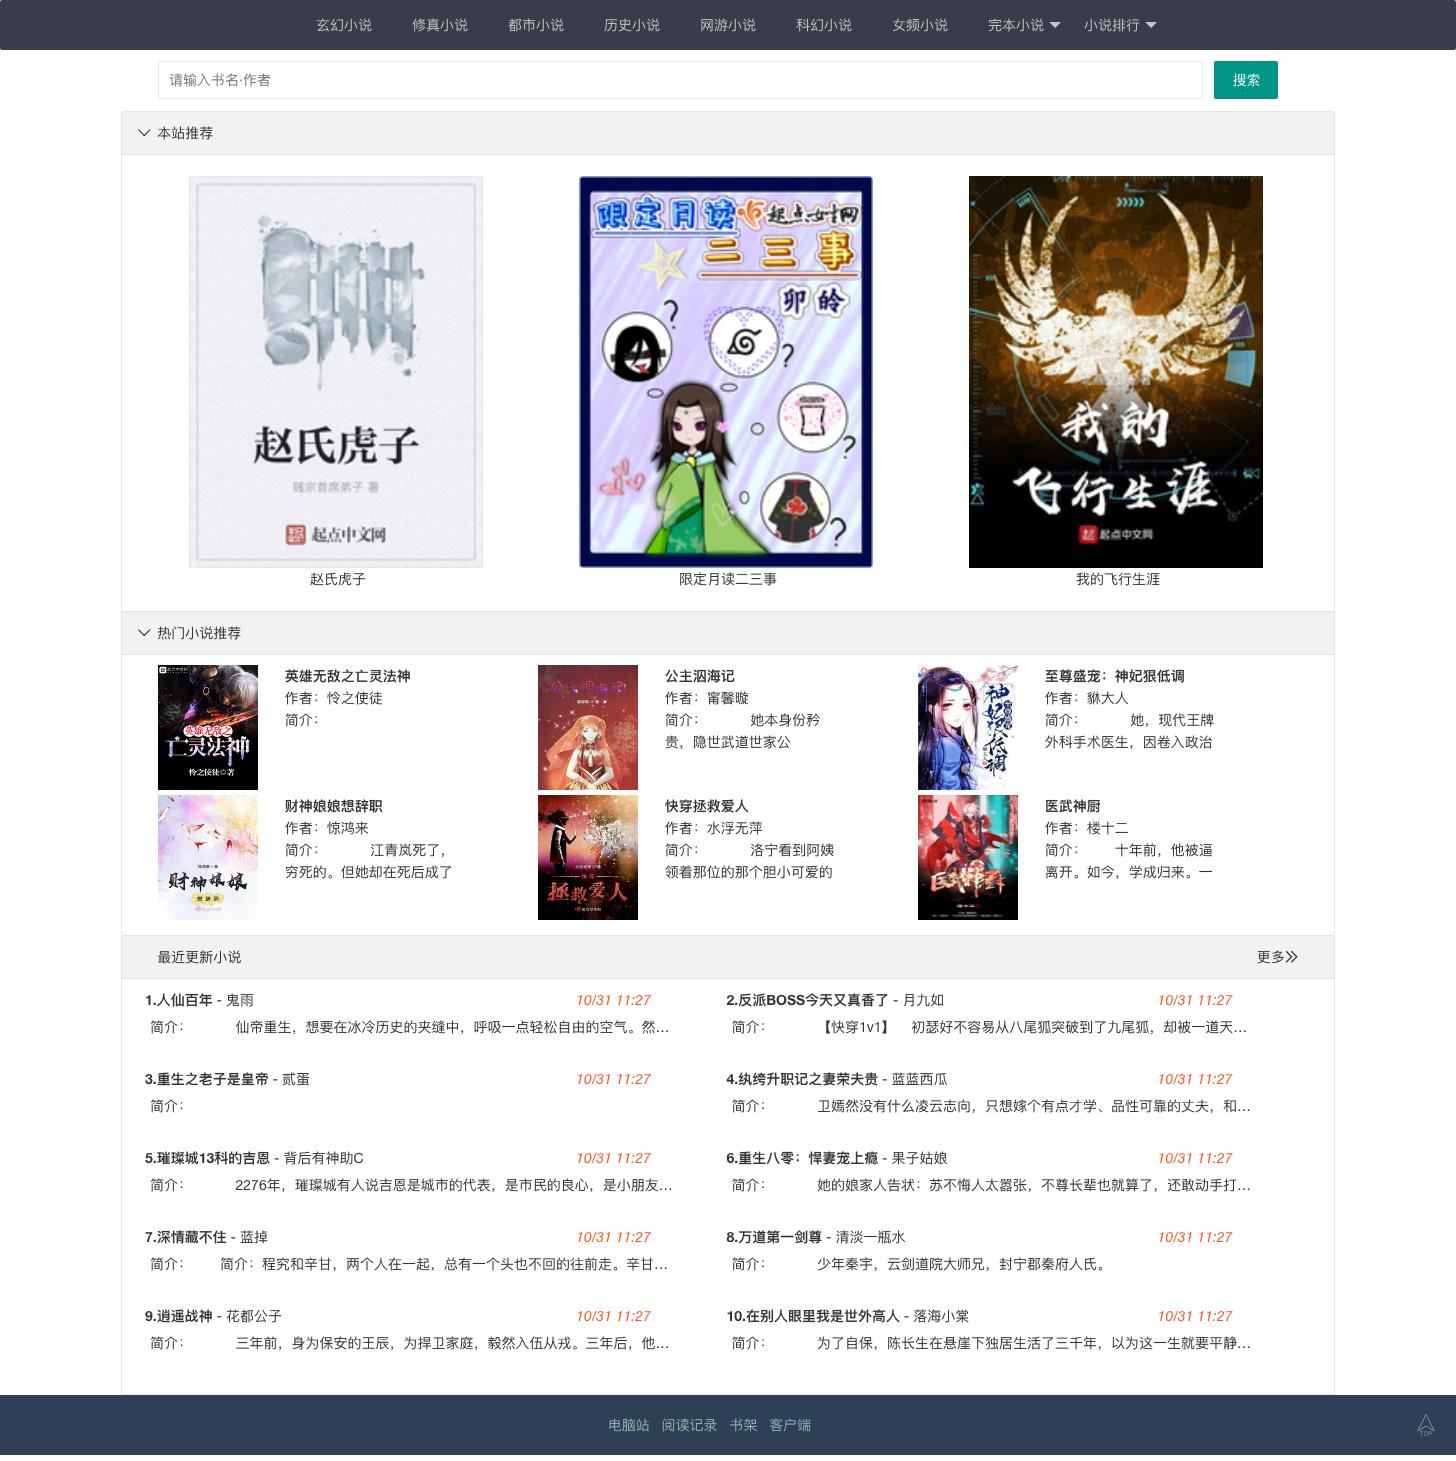 便宜国外vps论坛_小说精品屋 – plus v2.8.0 发布,作家后台多项重要更新-主机参考